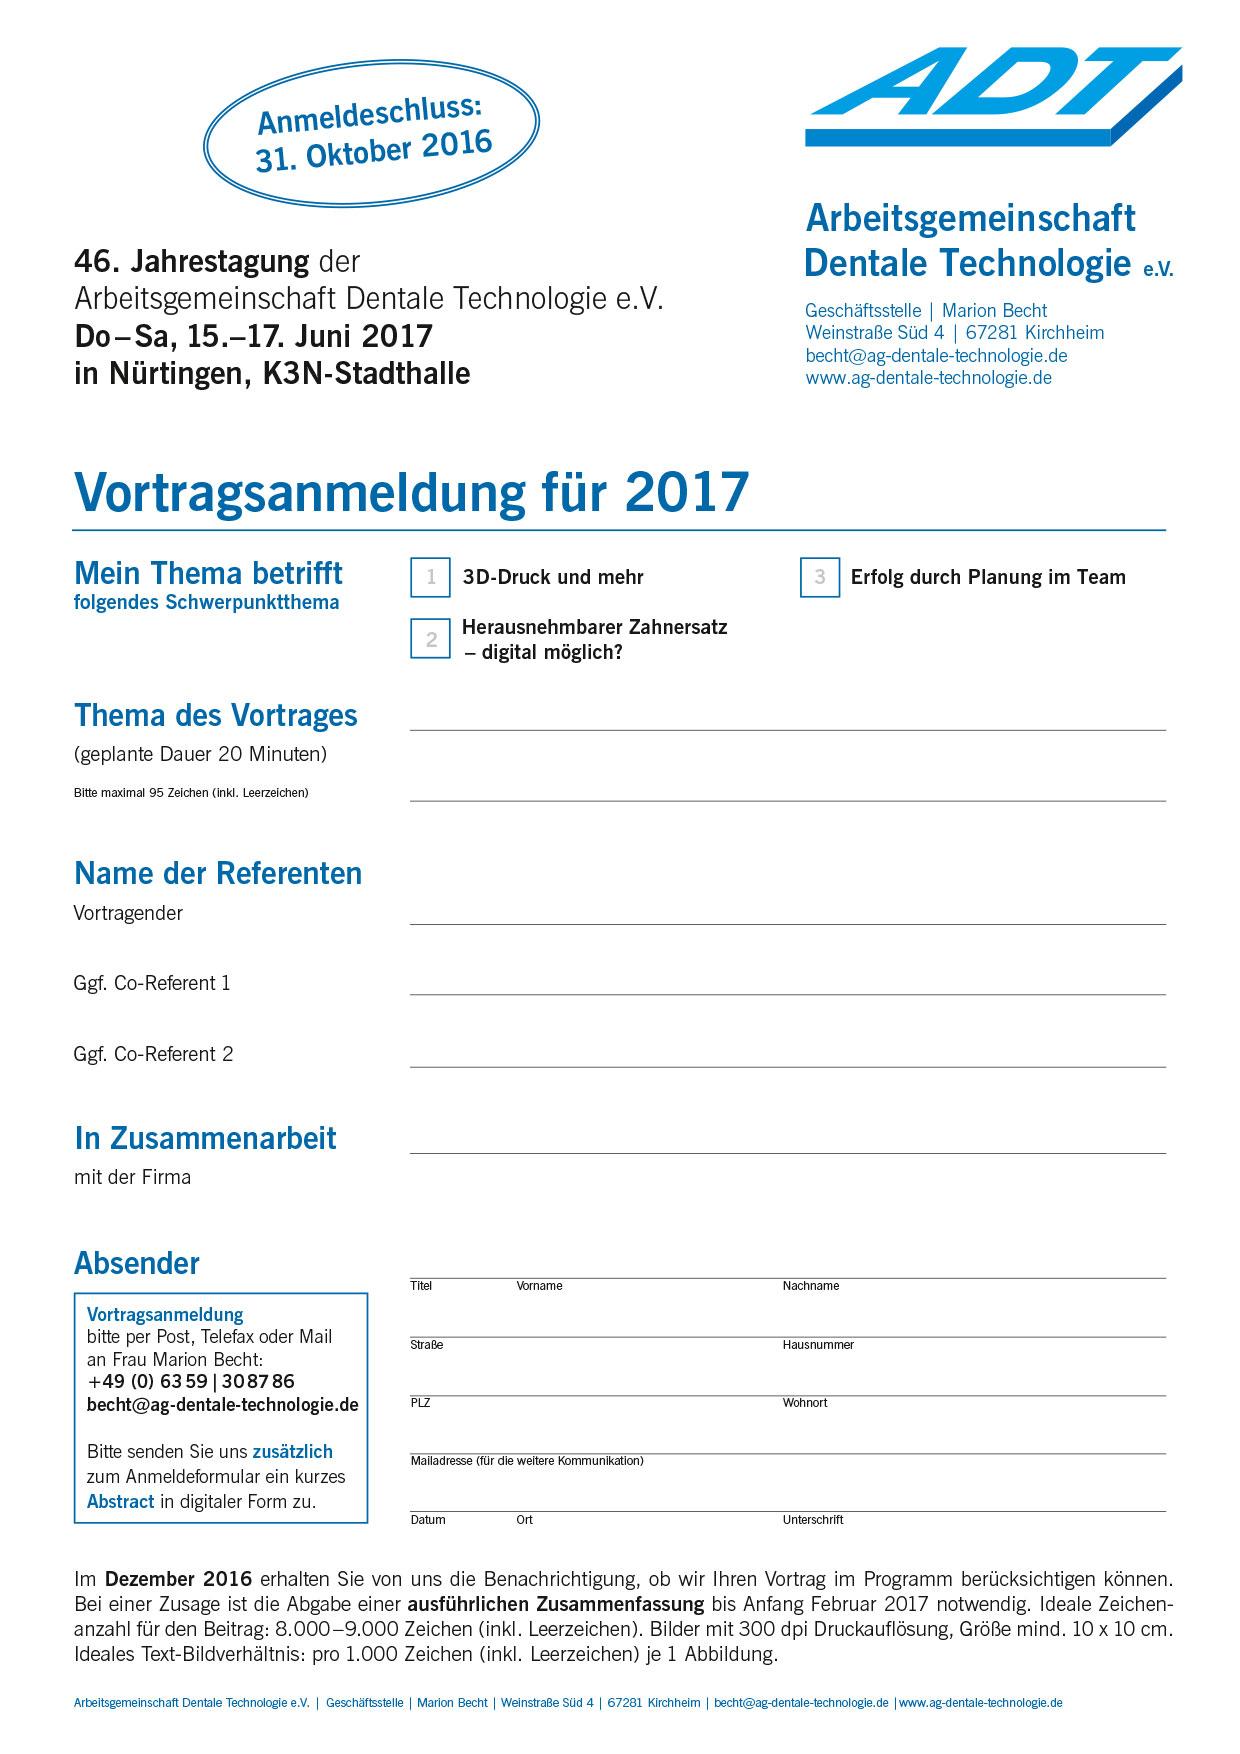 vortragsanmeldung_2017